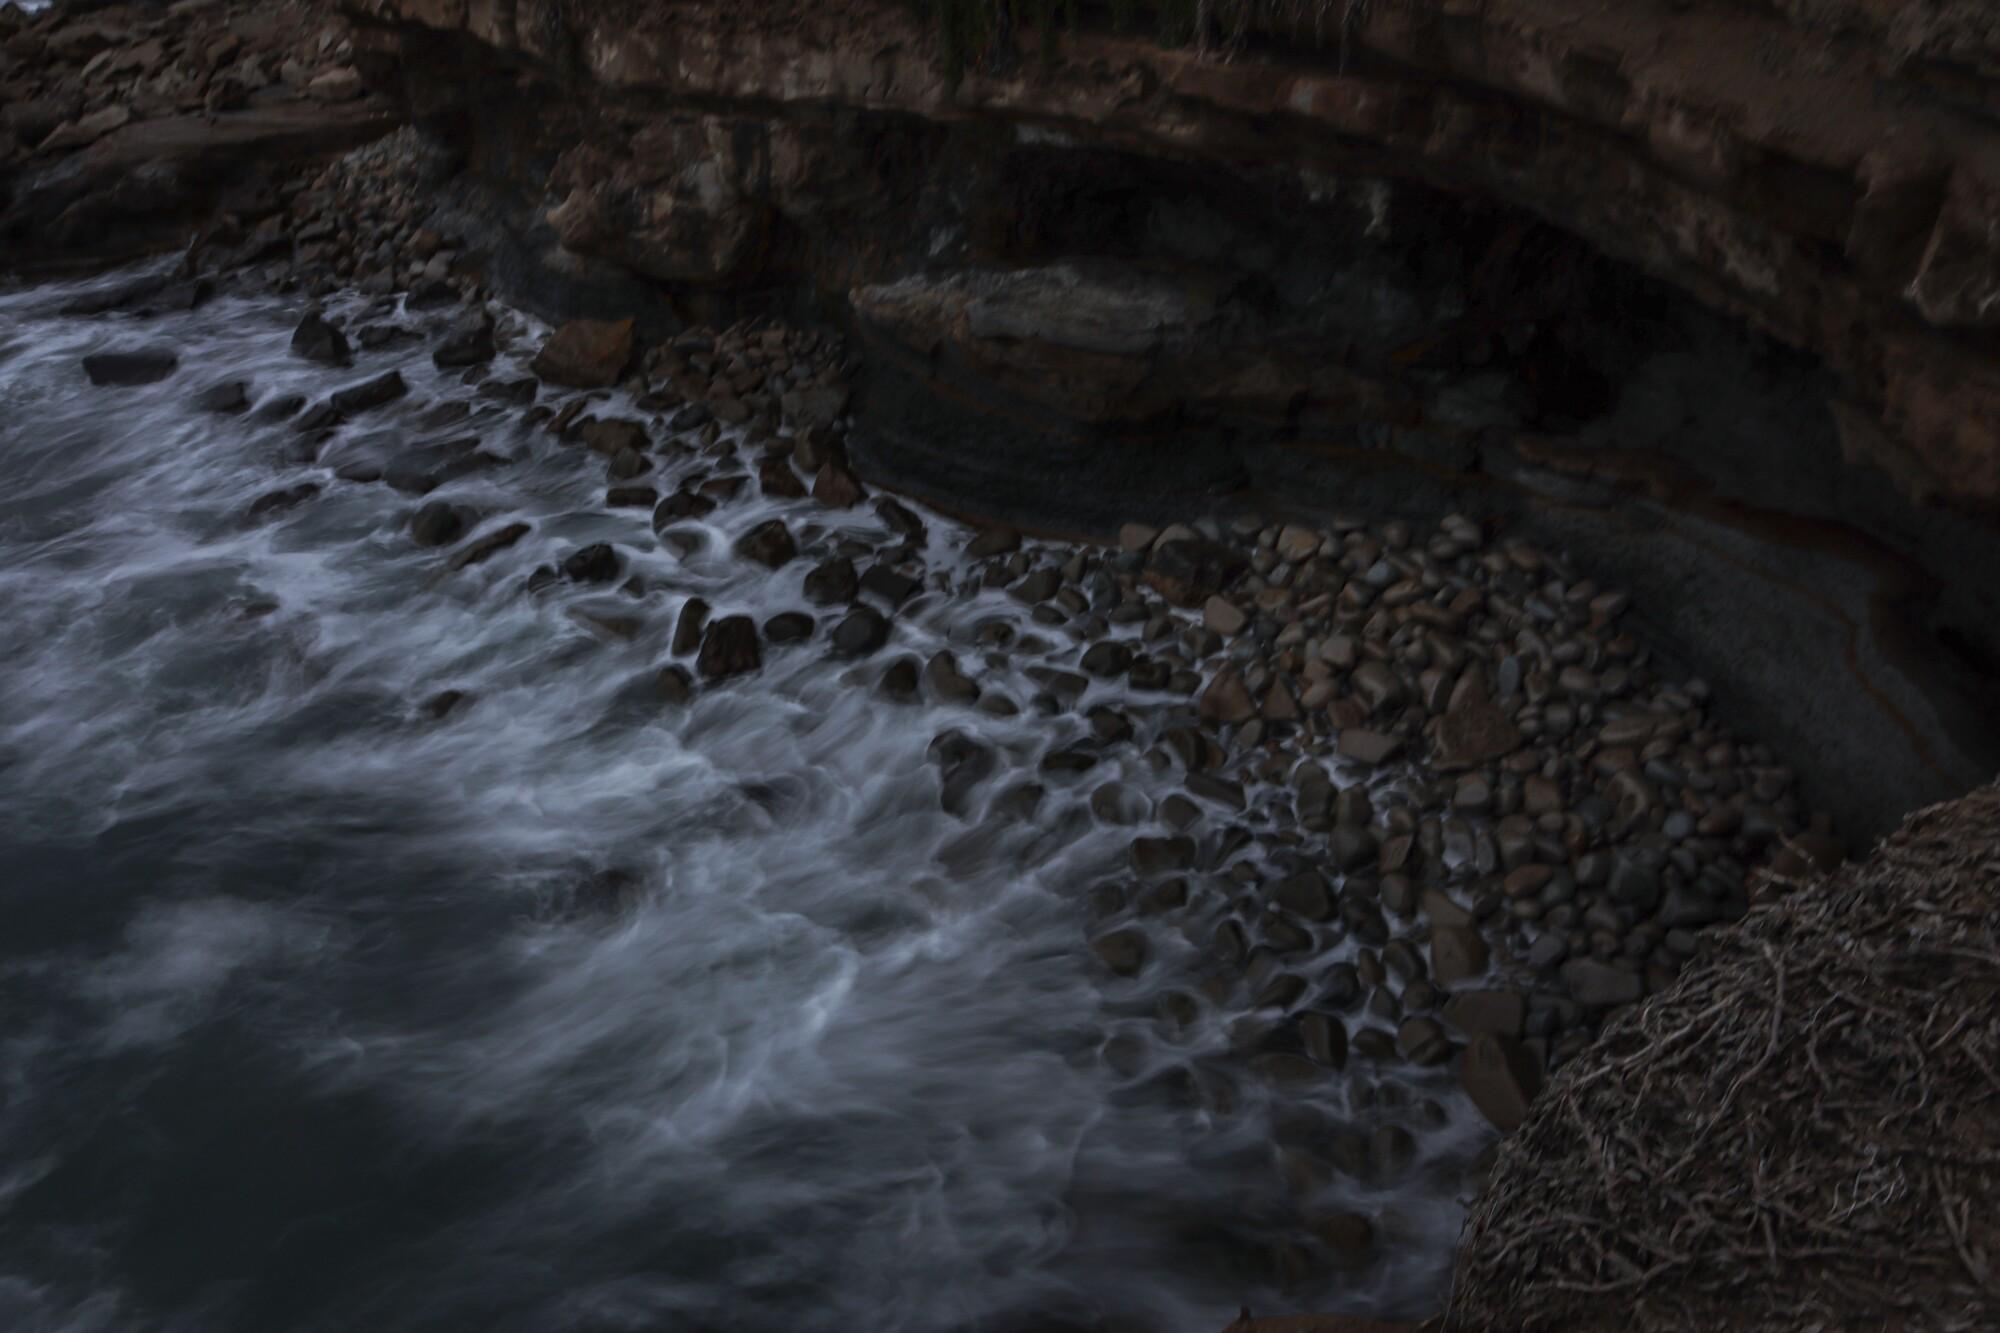 Waves break on a rocky coast.